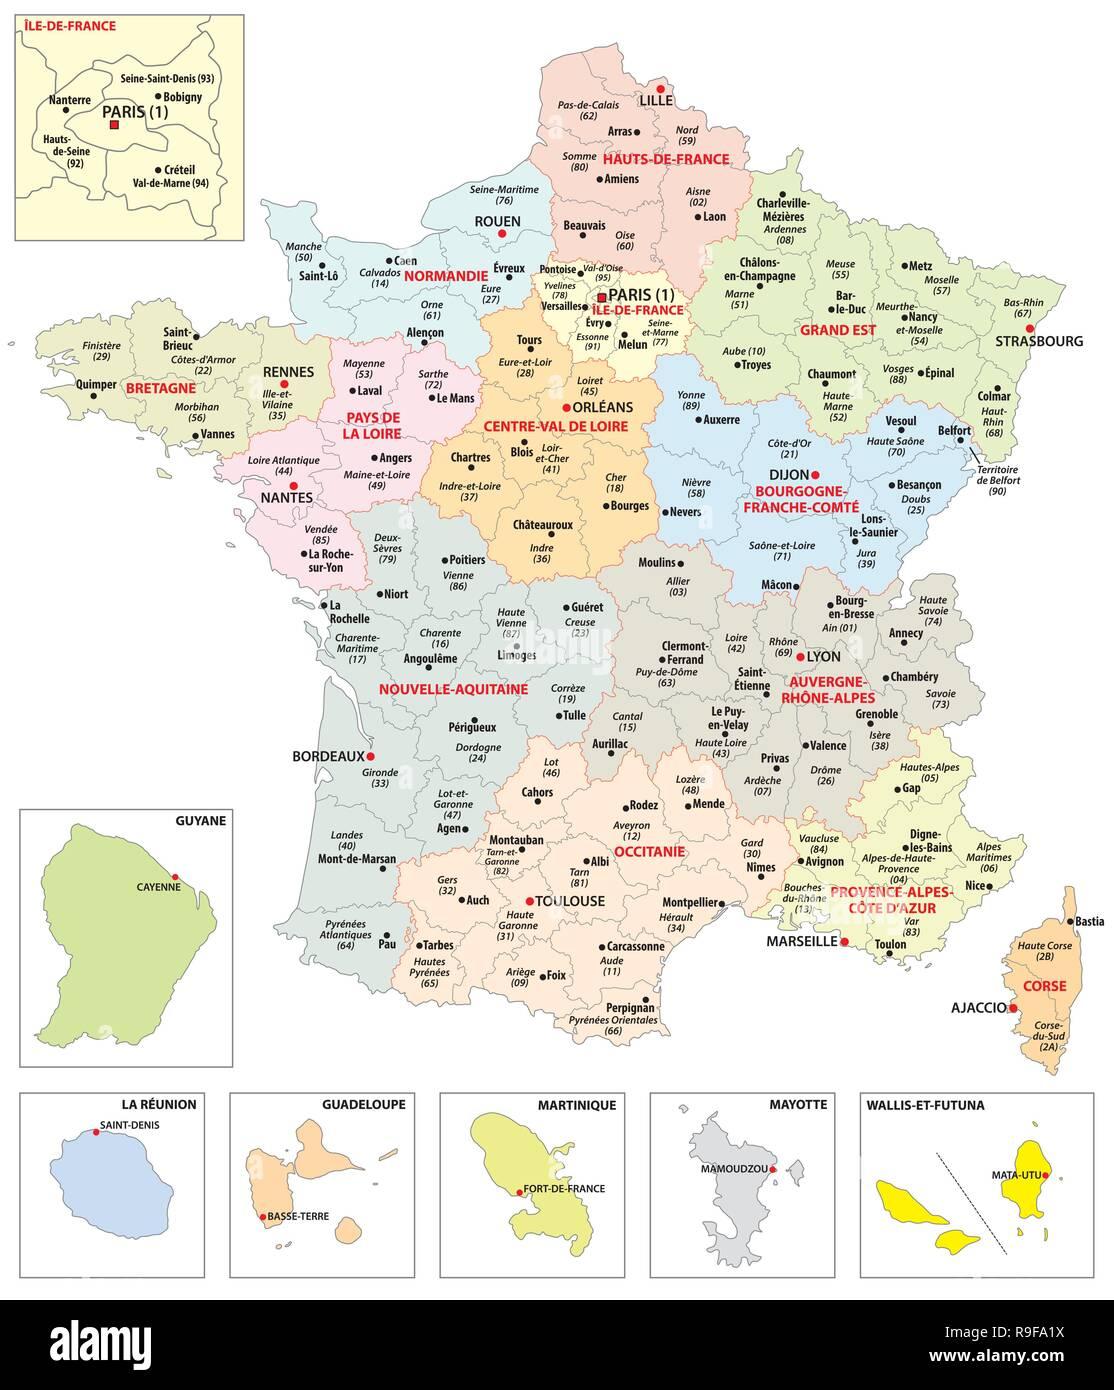 Francia Regioni Cartina.Mappa Amministrativa Delle 13 Regioni Della Francia E